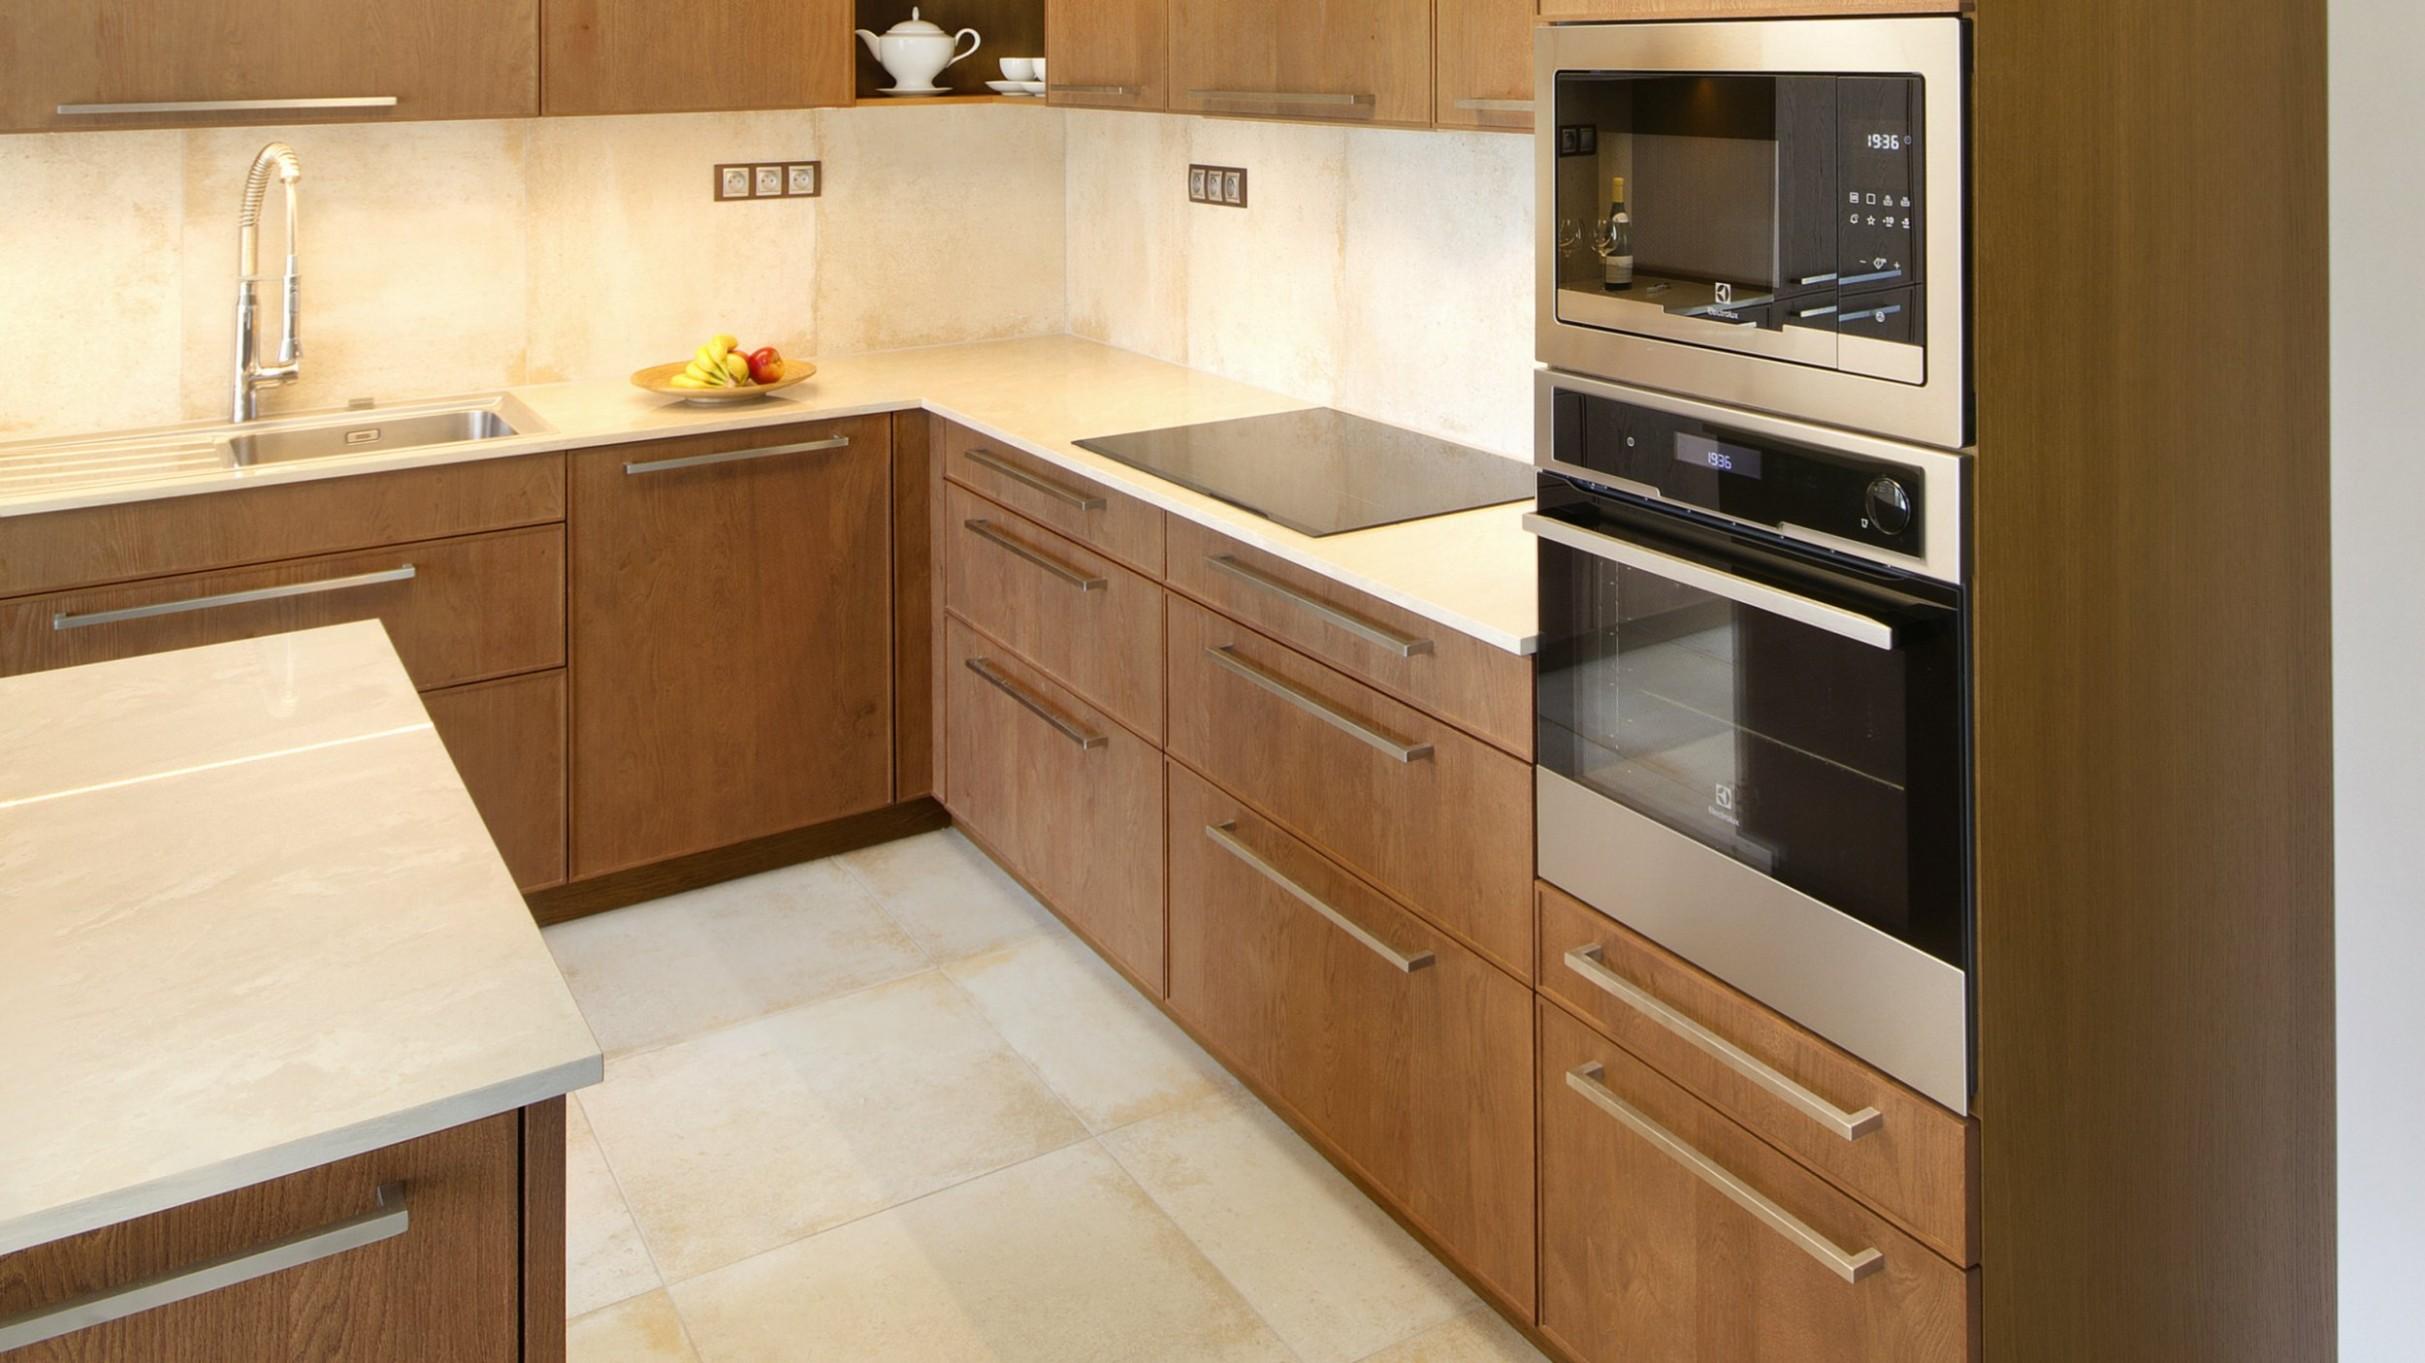 ProCeram - Koupelny, kuchyně, interiéry, obklady a dlažby ...